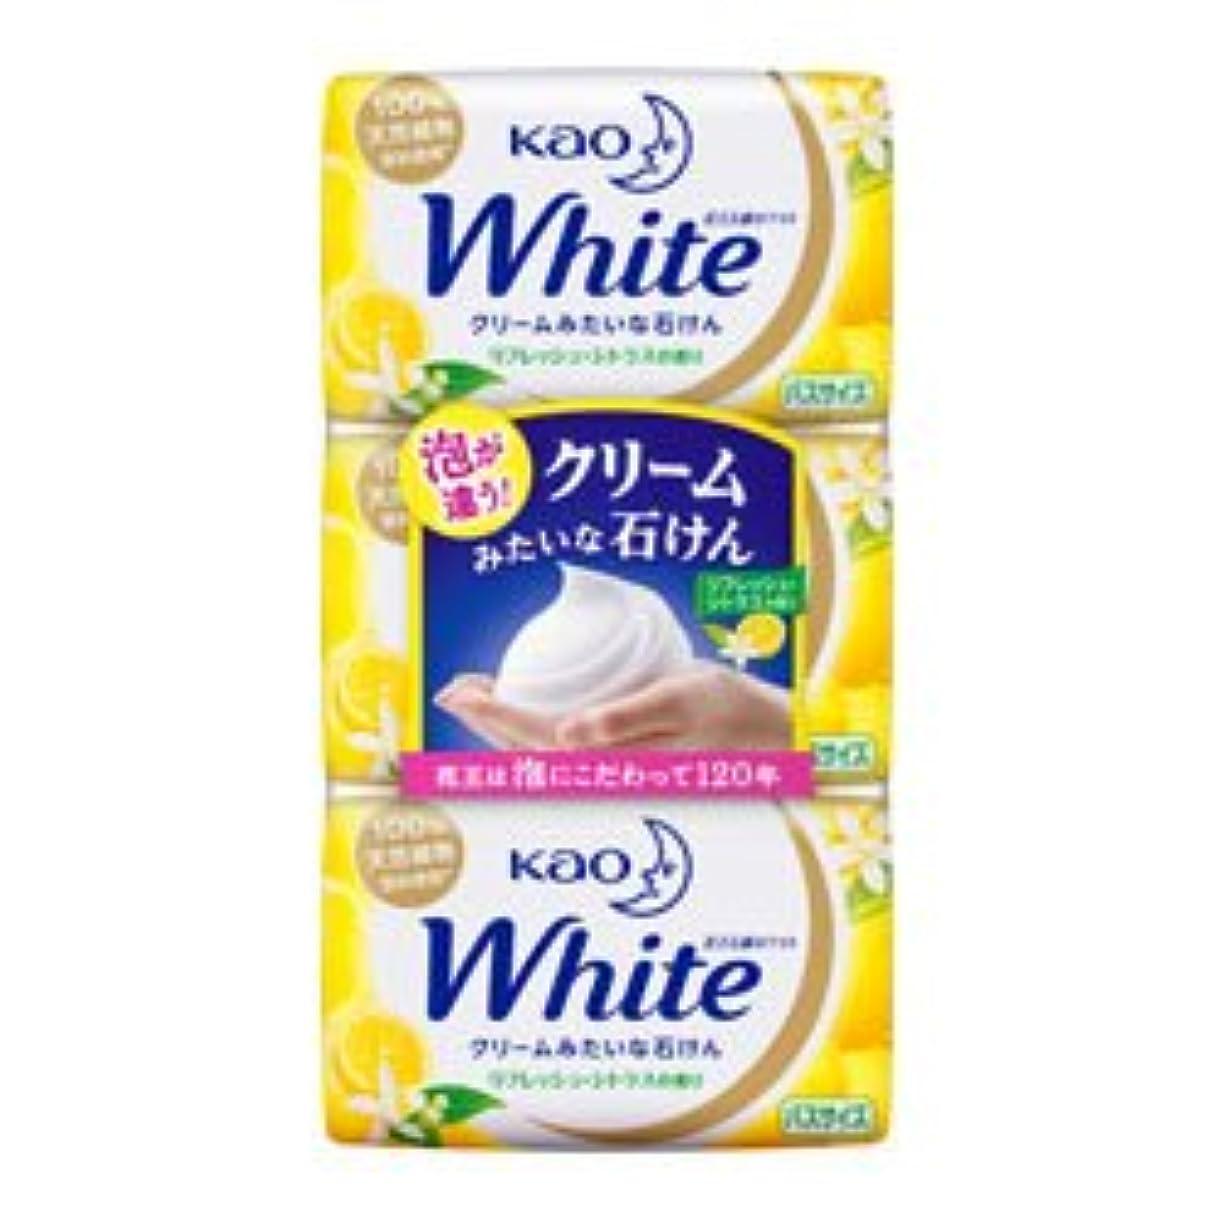 スーツメダリストたらい【花王】ホワイト リフレッシュ?シトラスの香り バスサイズ 130g×3個入 ×20個セット